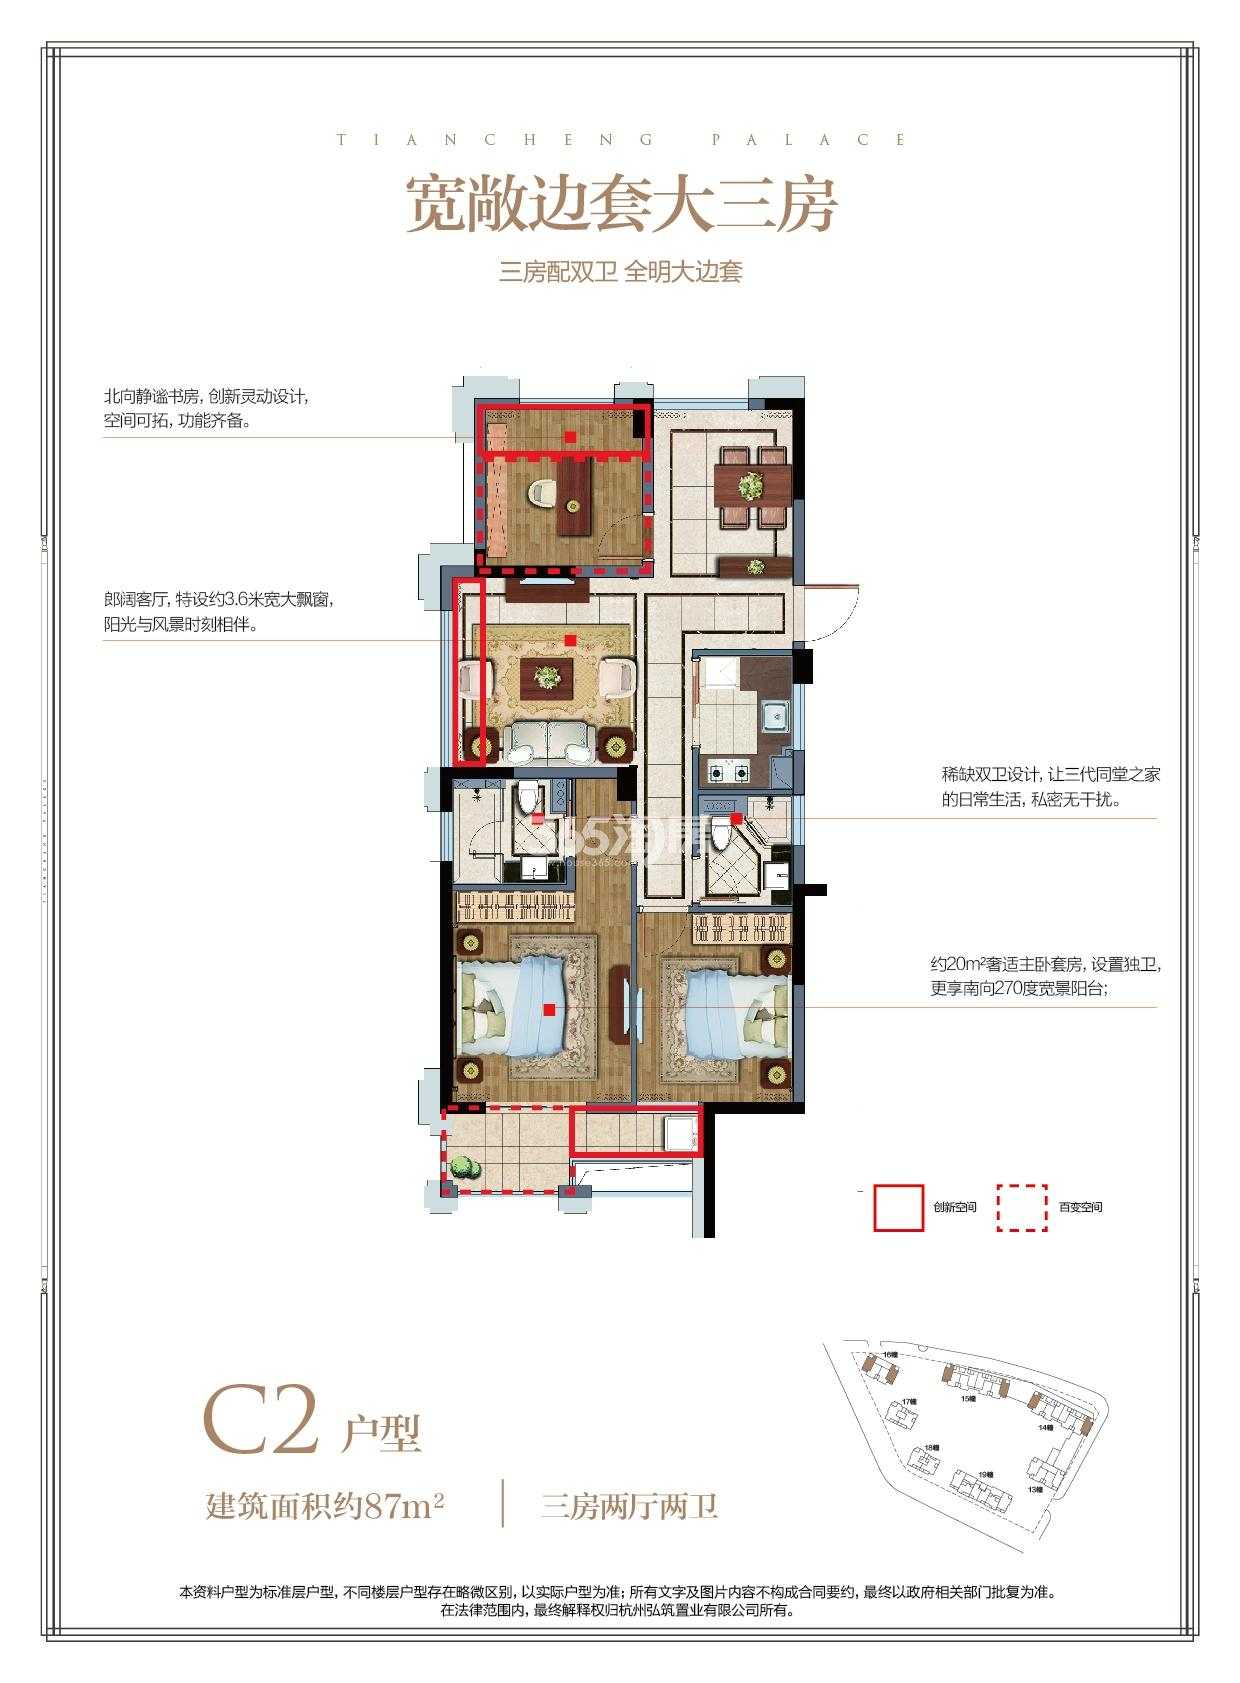 天城府C2户型图87方(14、15、16号楼)